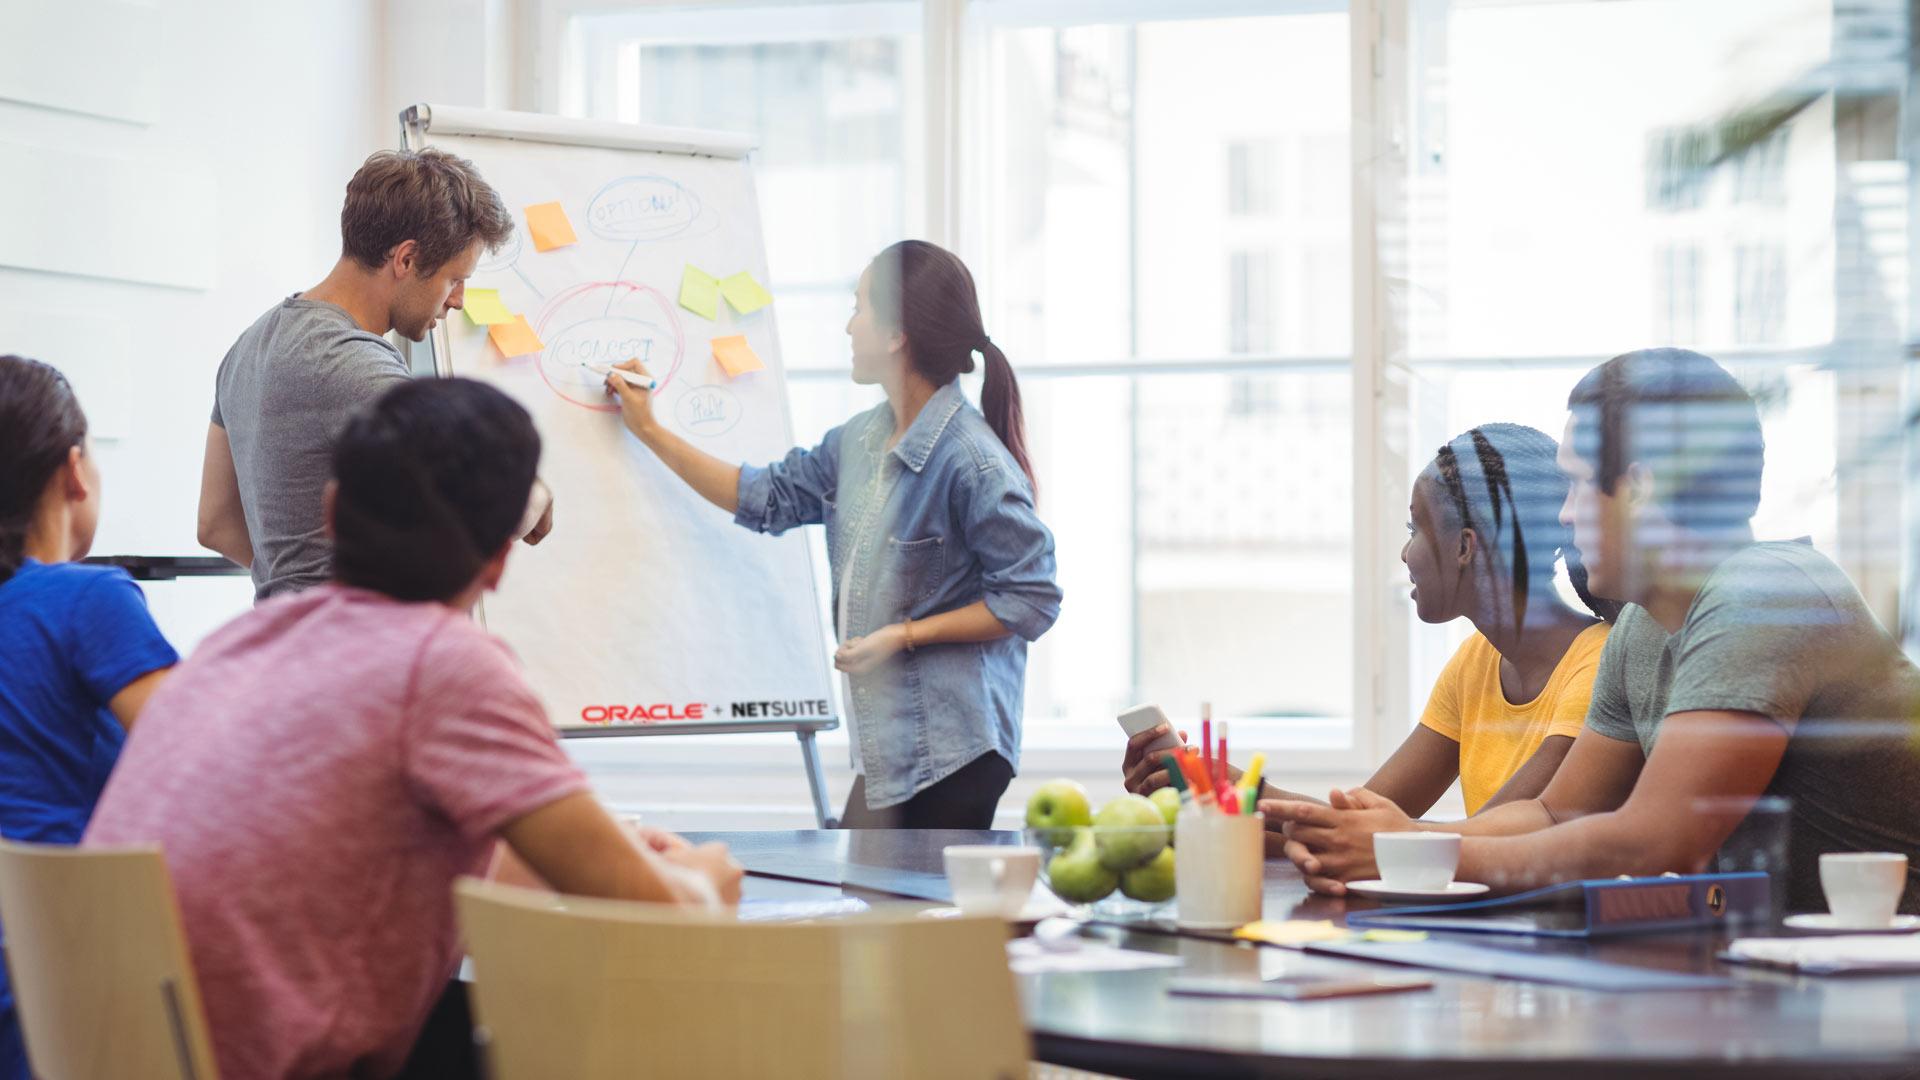 Soluzione Cloud NetSuite per managament HR